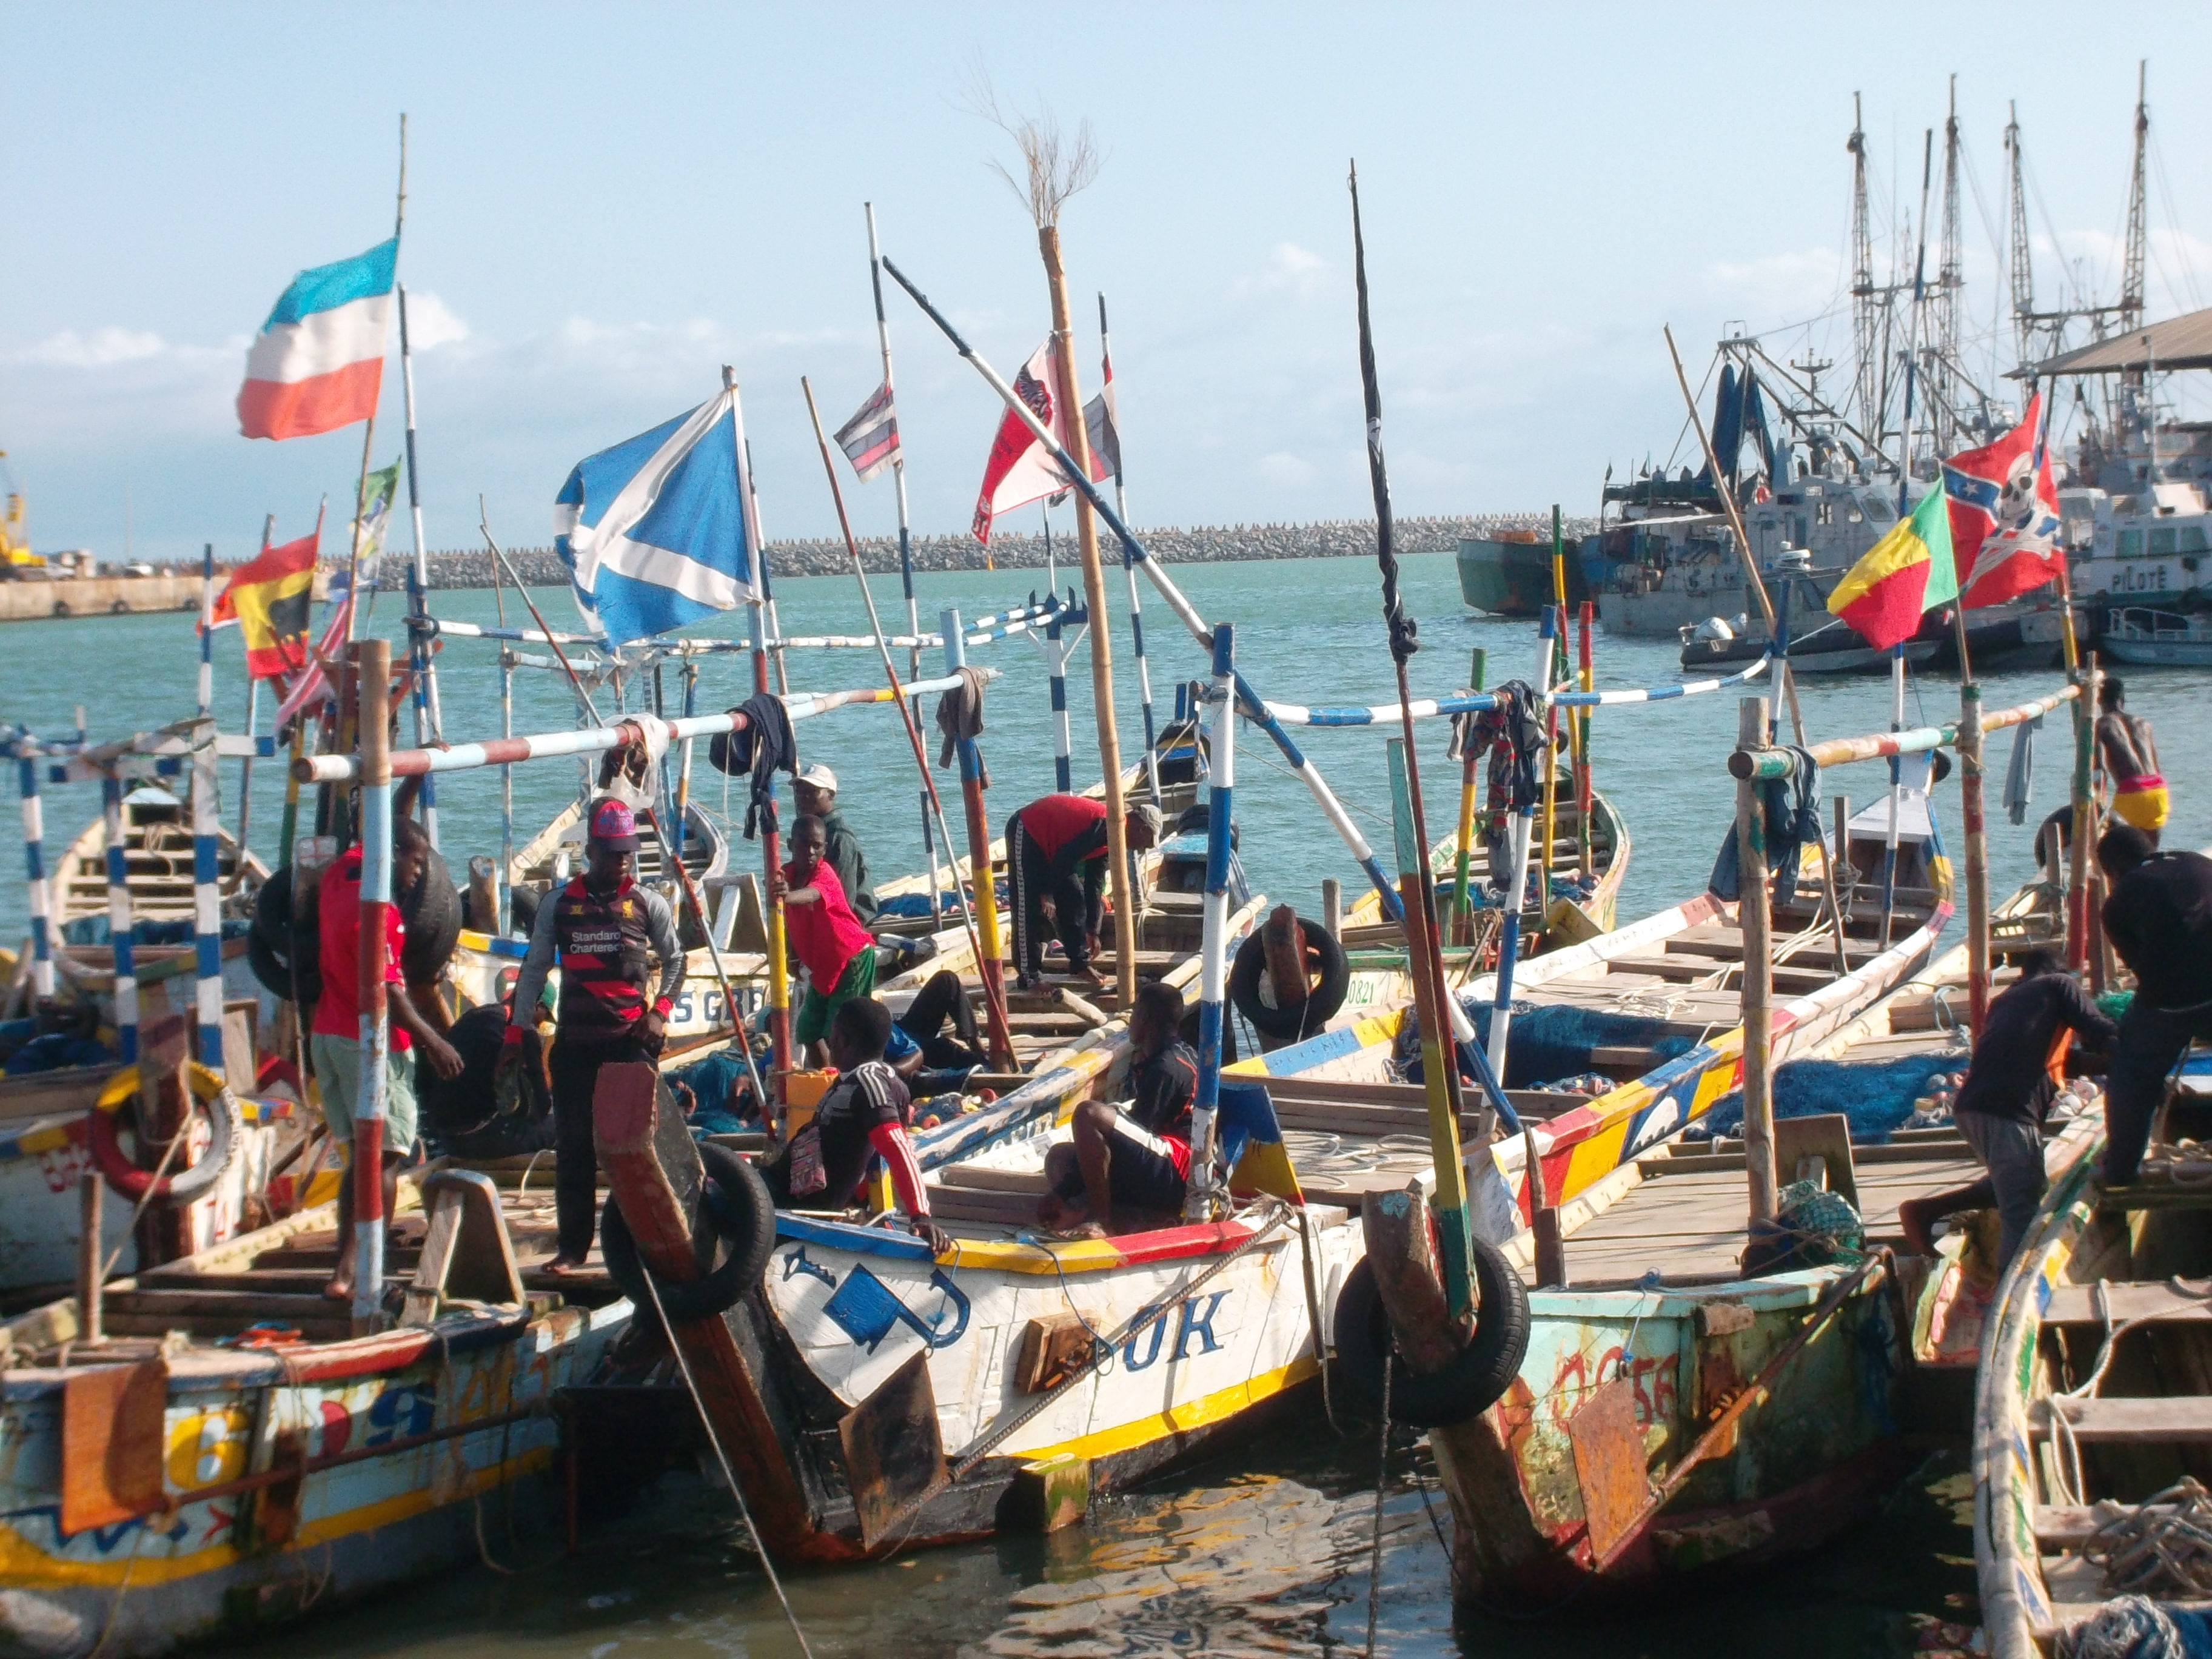 Port de pêche de Cotonou: Les usagers se plaignent de la rareté des poissons